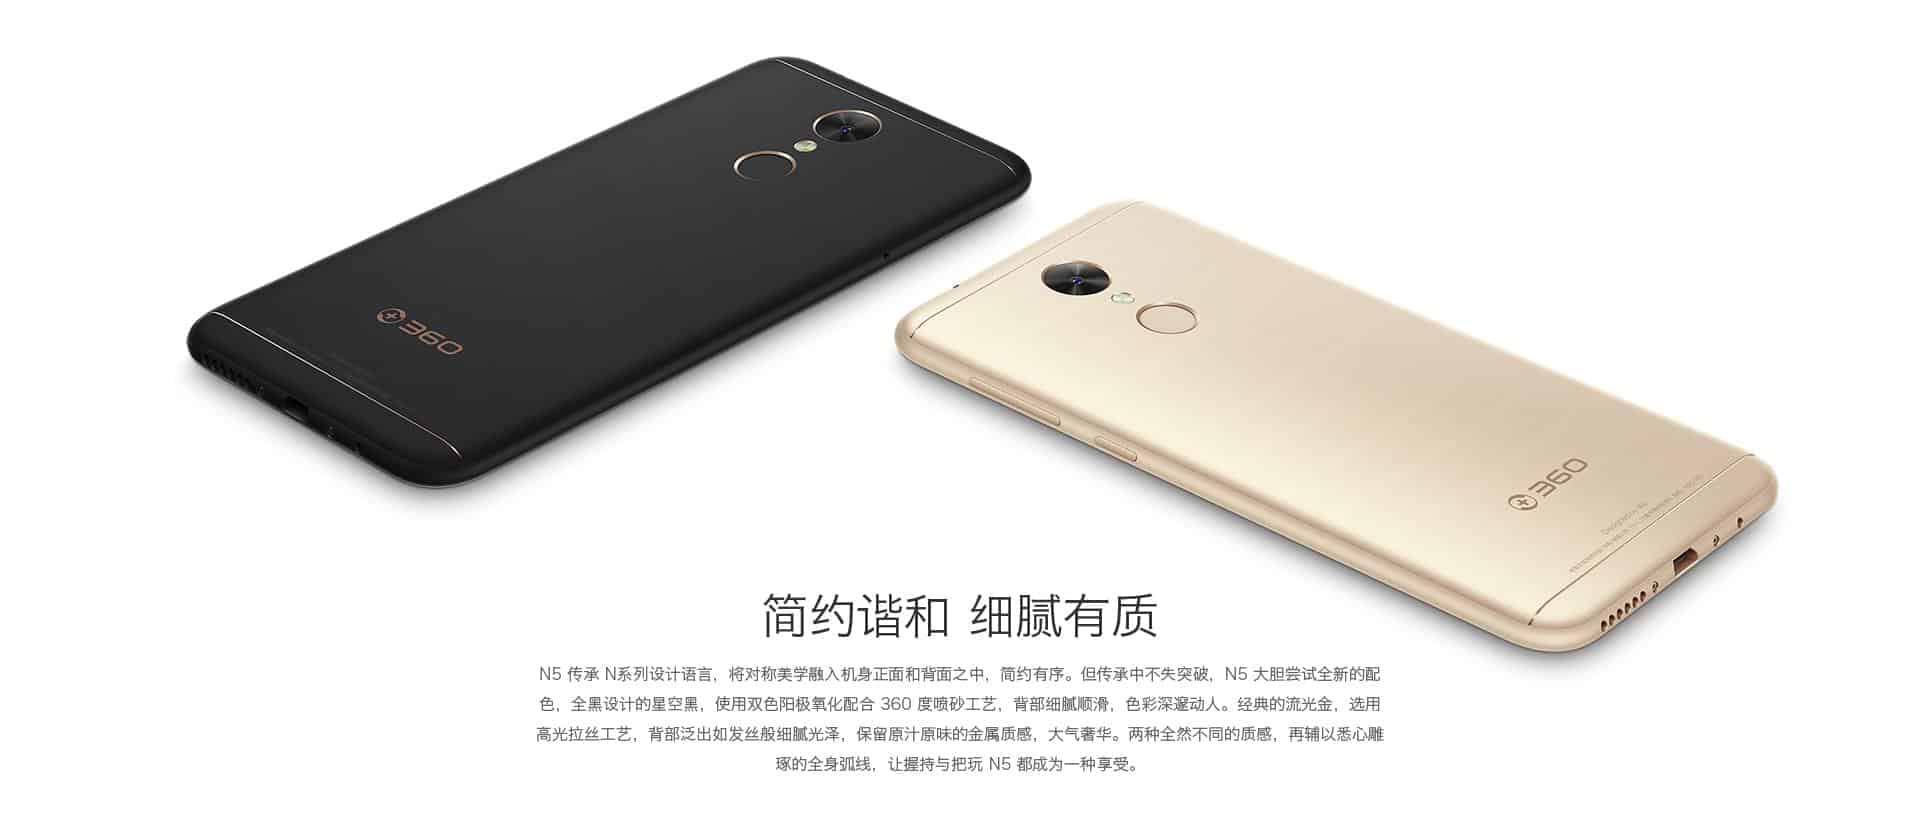 Qihoo 360 N5 KK 3